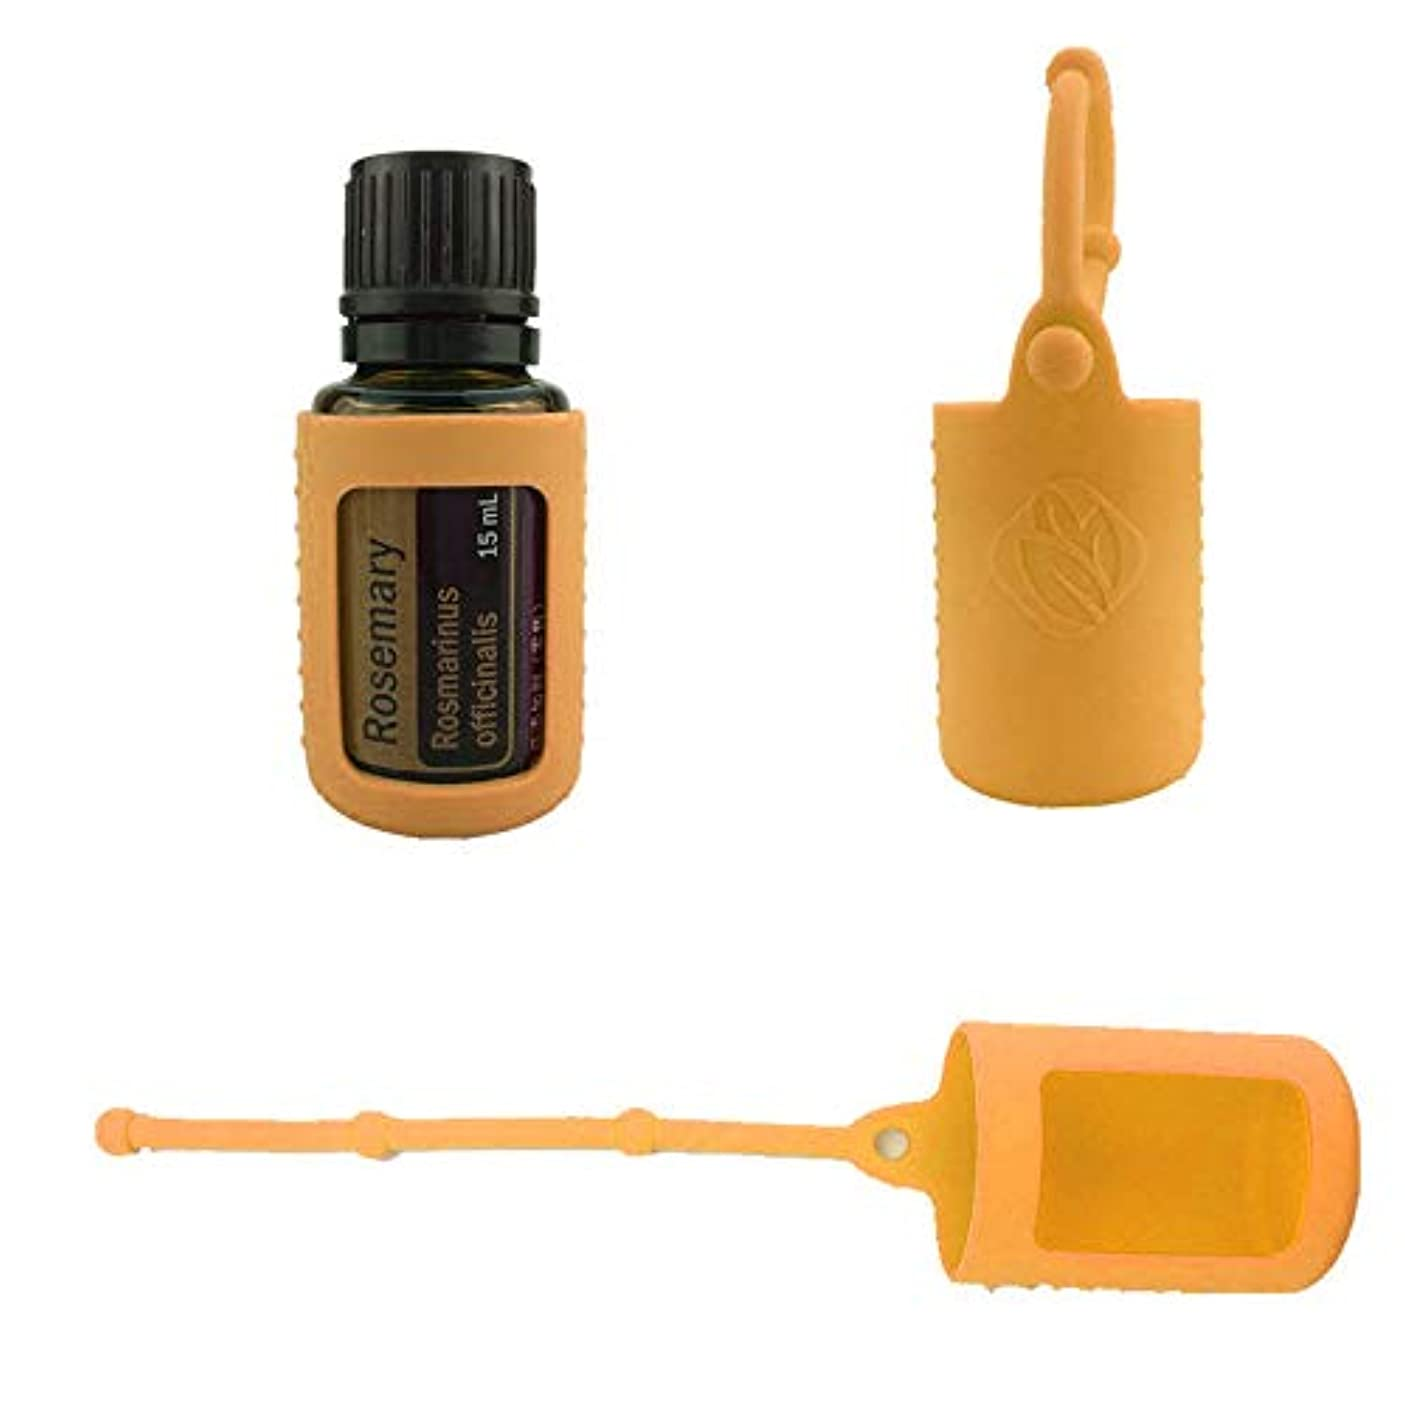 蒸発する減衰苦しむ6パック熱望オイルボトルシリコンローラーボトルホルダースリーブエッセンシャルオイルボトル保護カバーケースハングロープ - オレンジ - 6-pcs 15ml